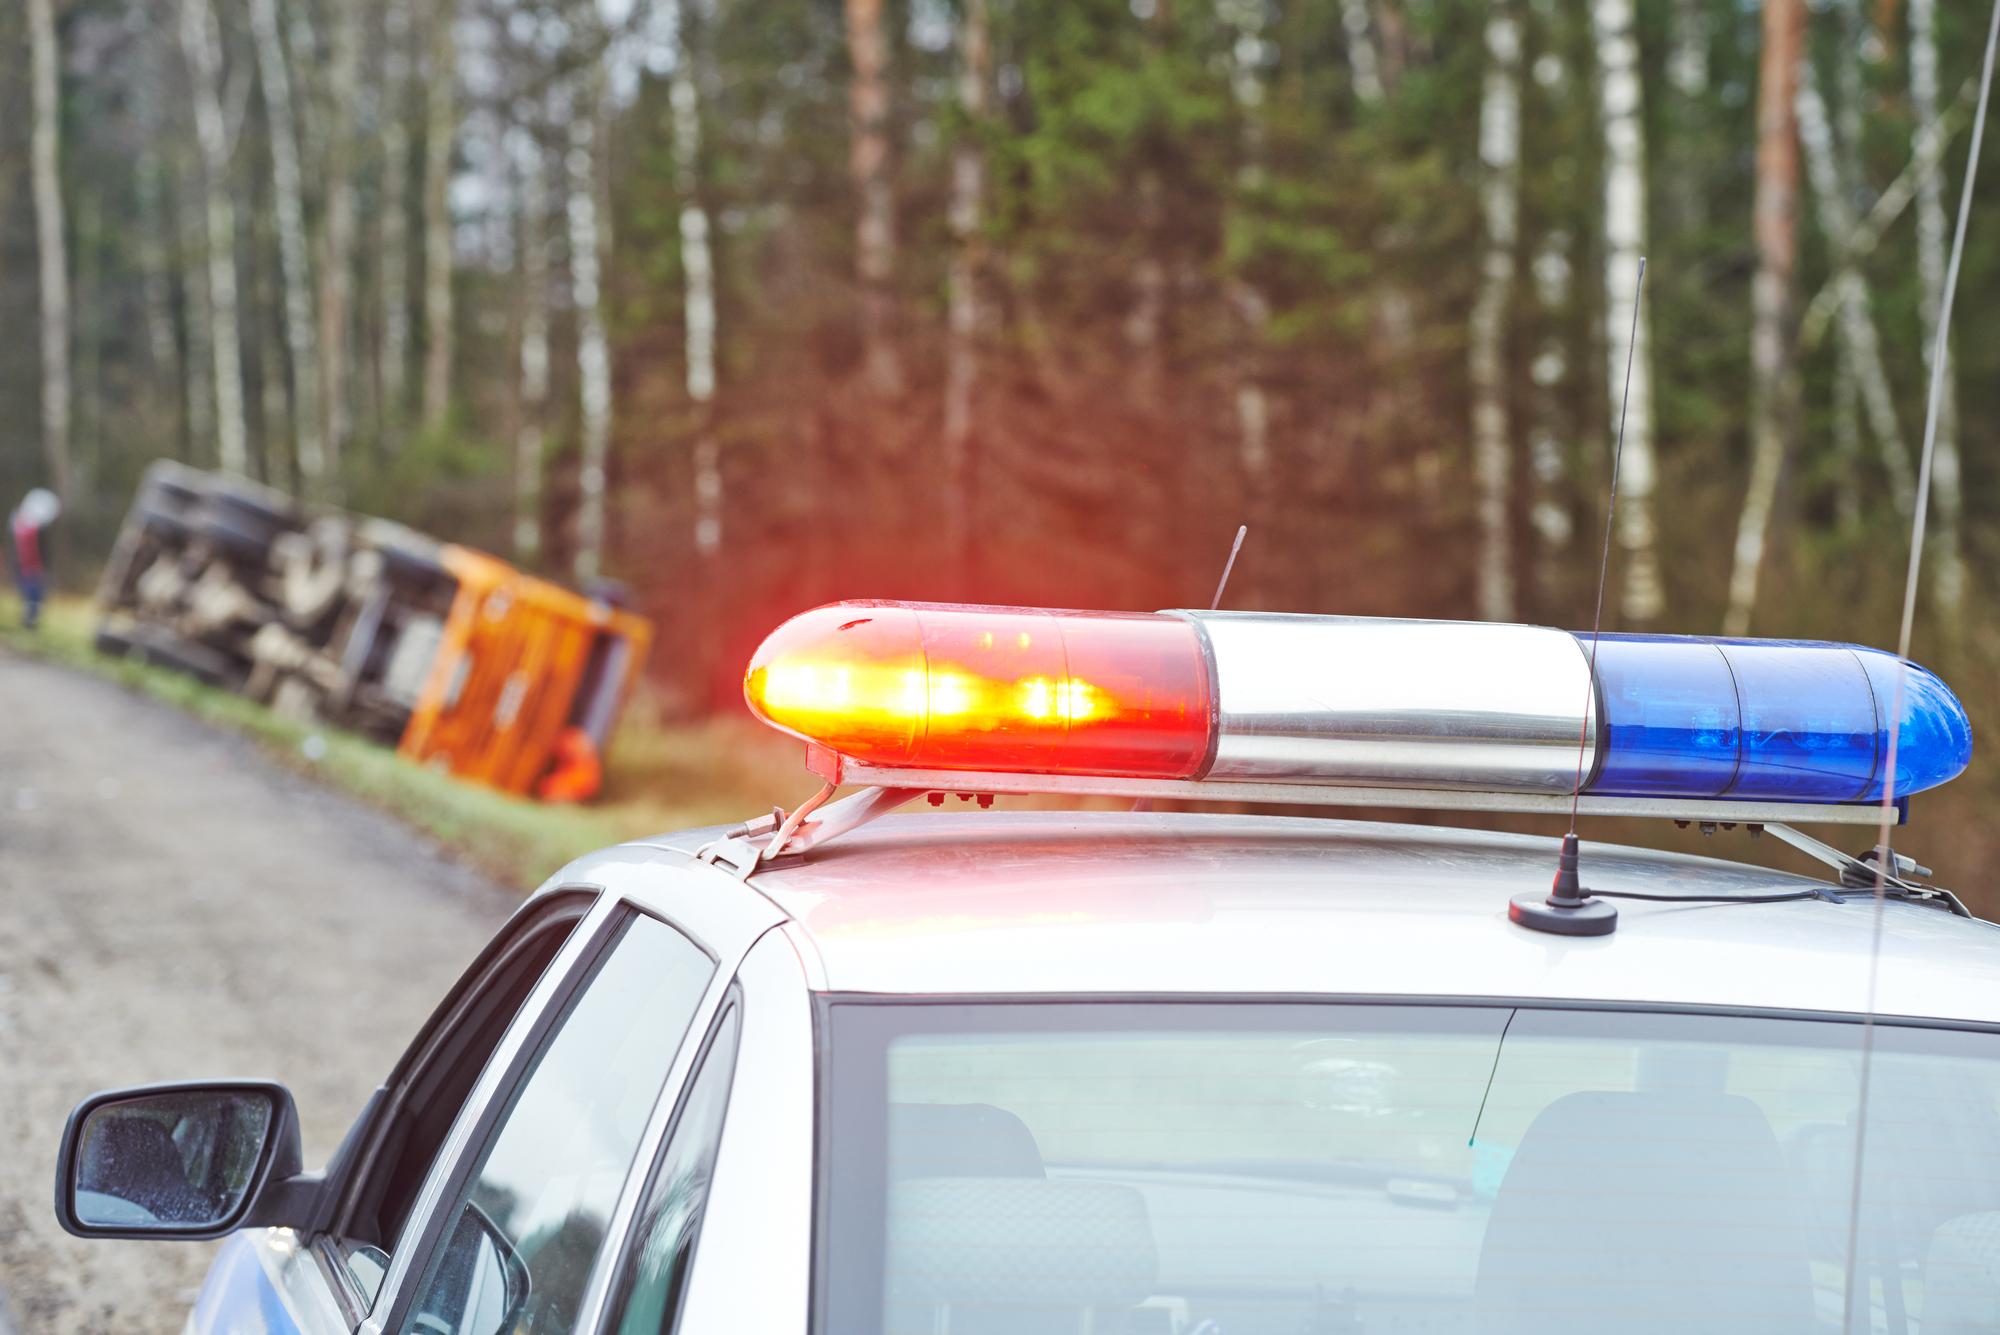 Основания для остановки транспортного средства сотрудниками ГИБДД